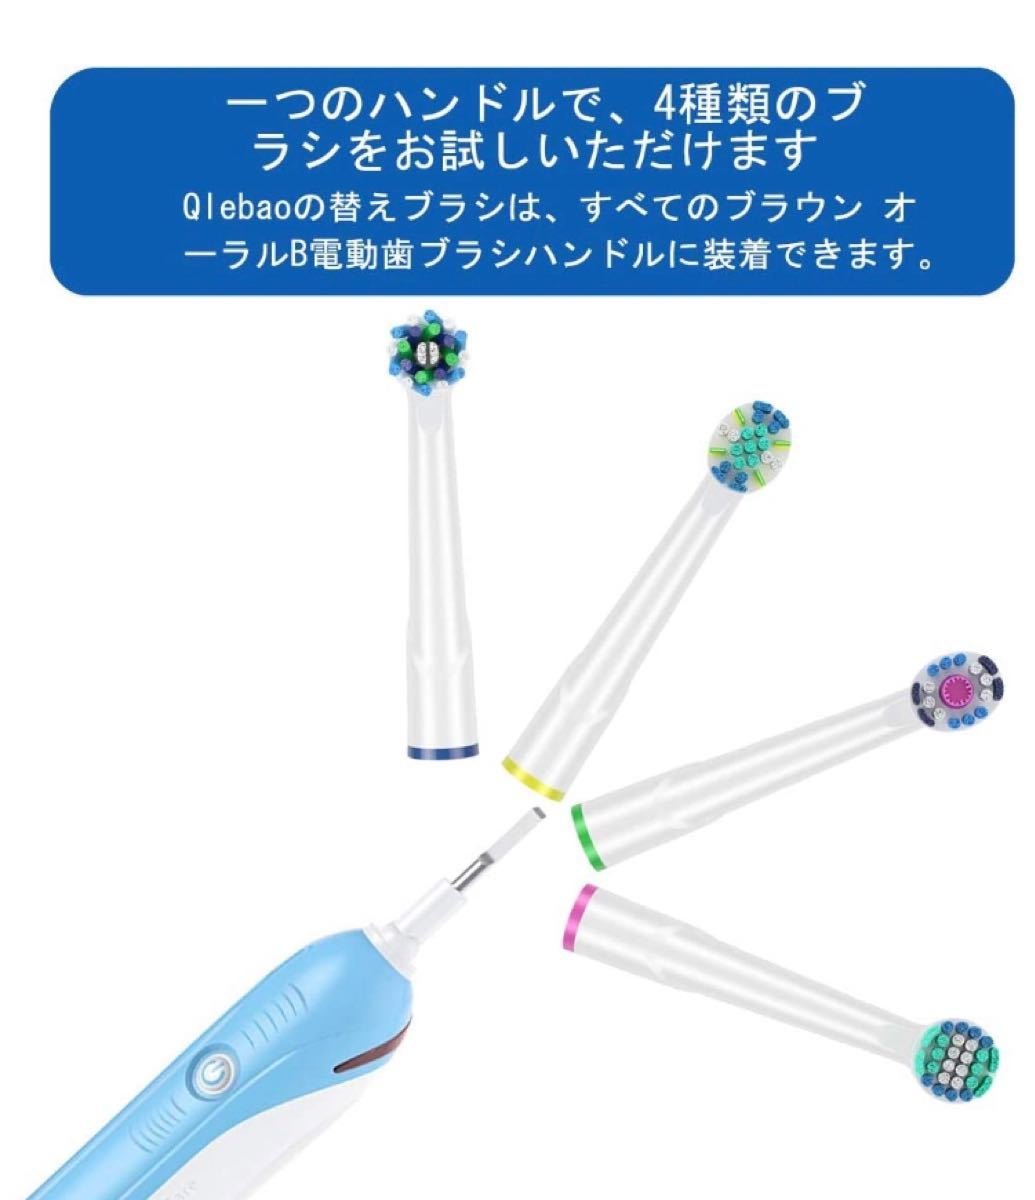 歯ブラシヘッドはOral b電動歯ブラシと互換性があり16個の電動歯ブラシ交換用